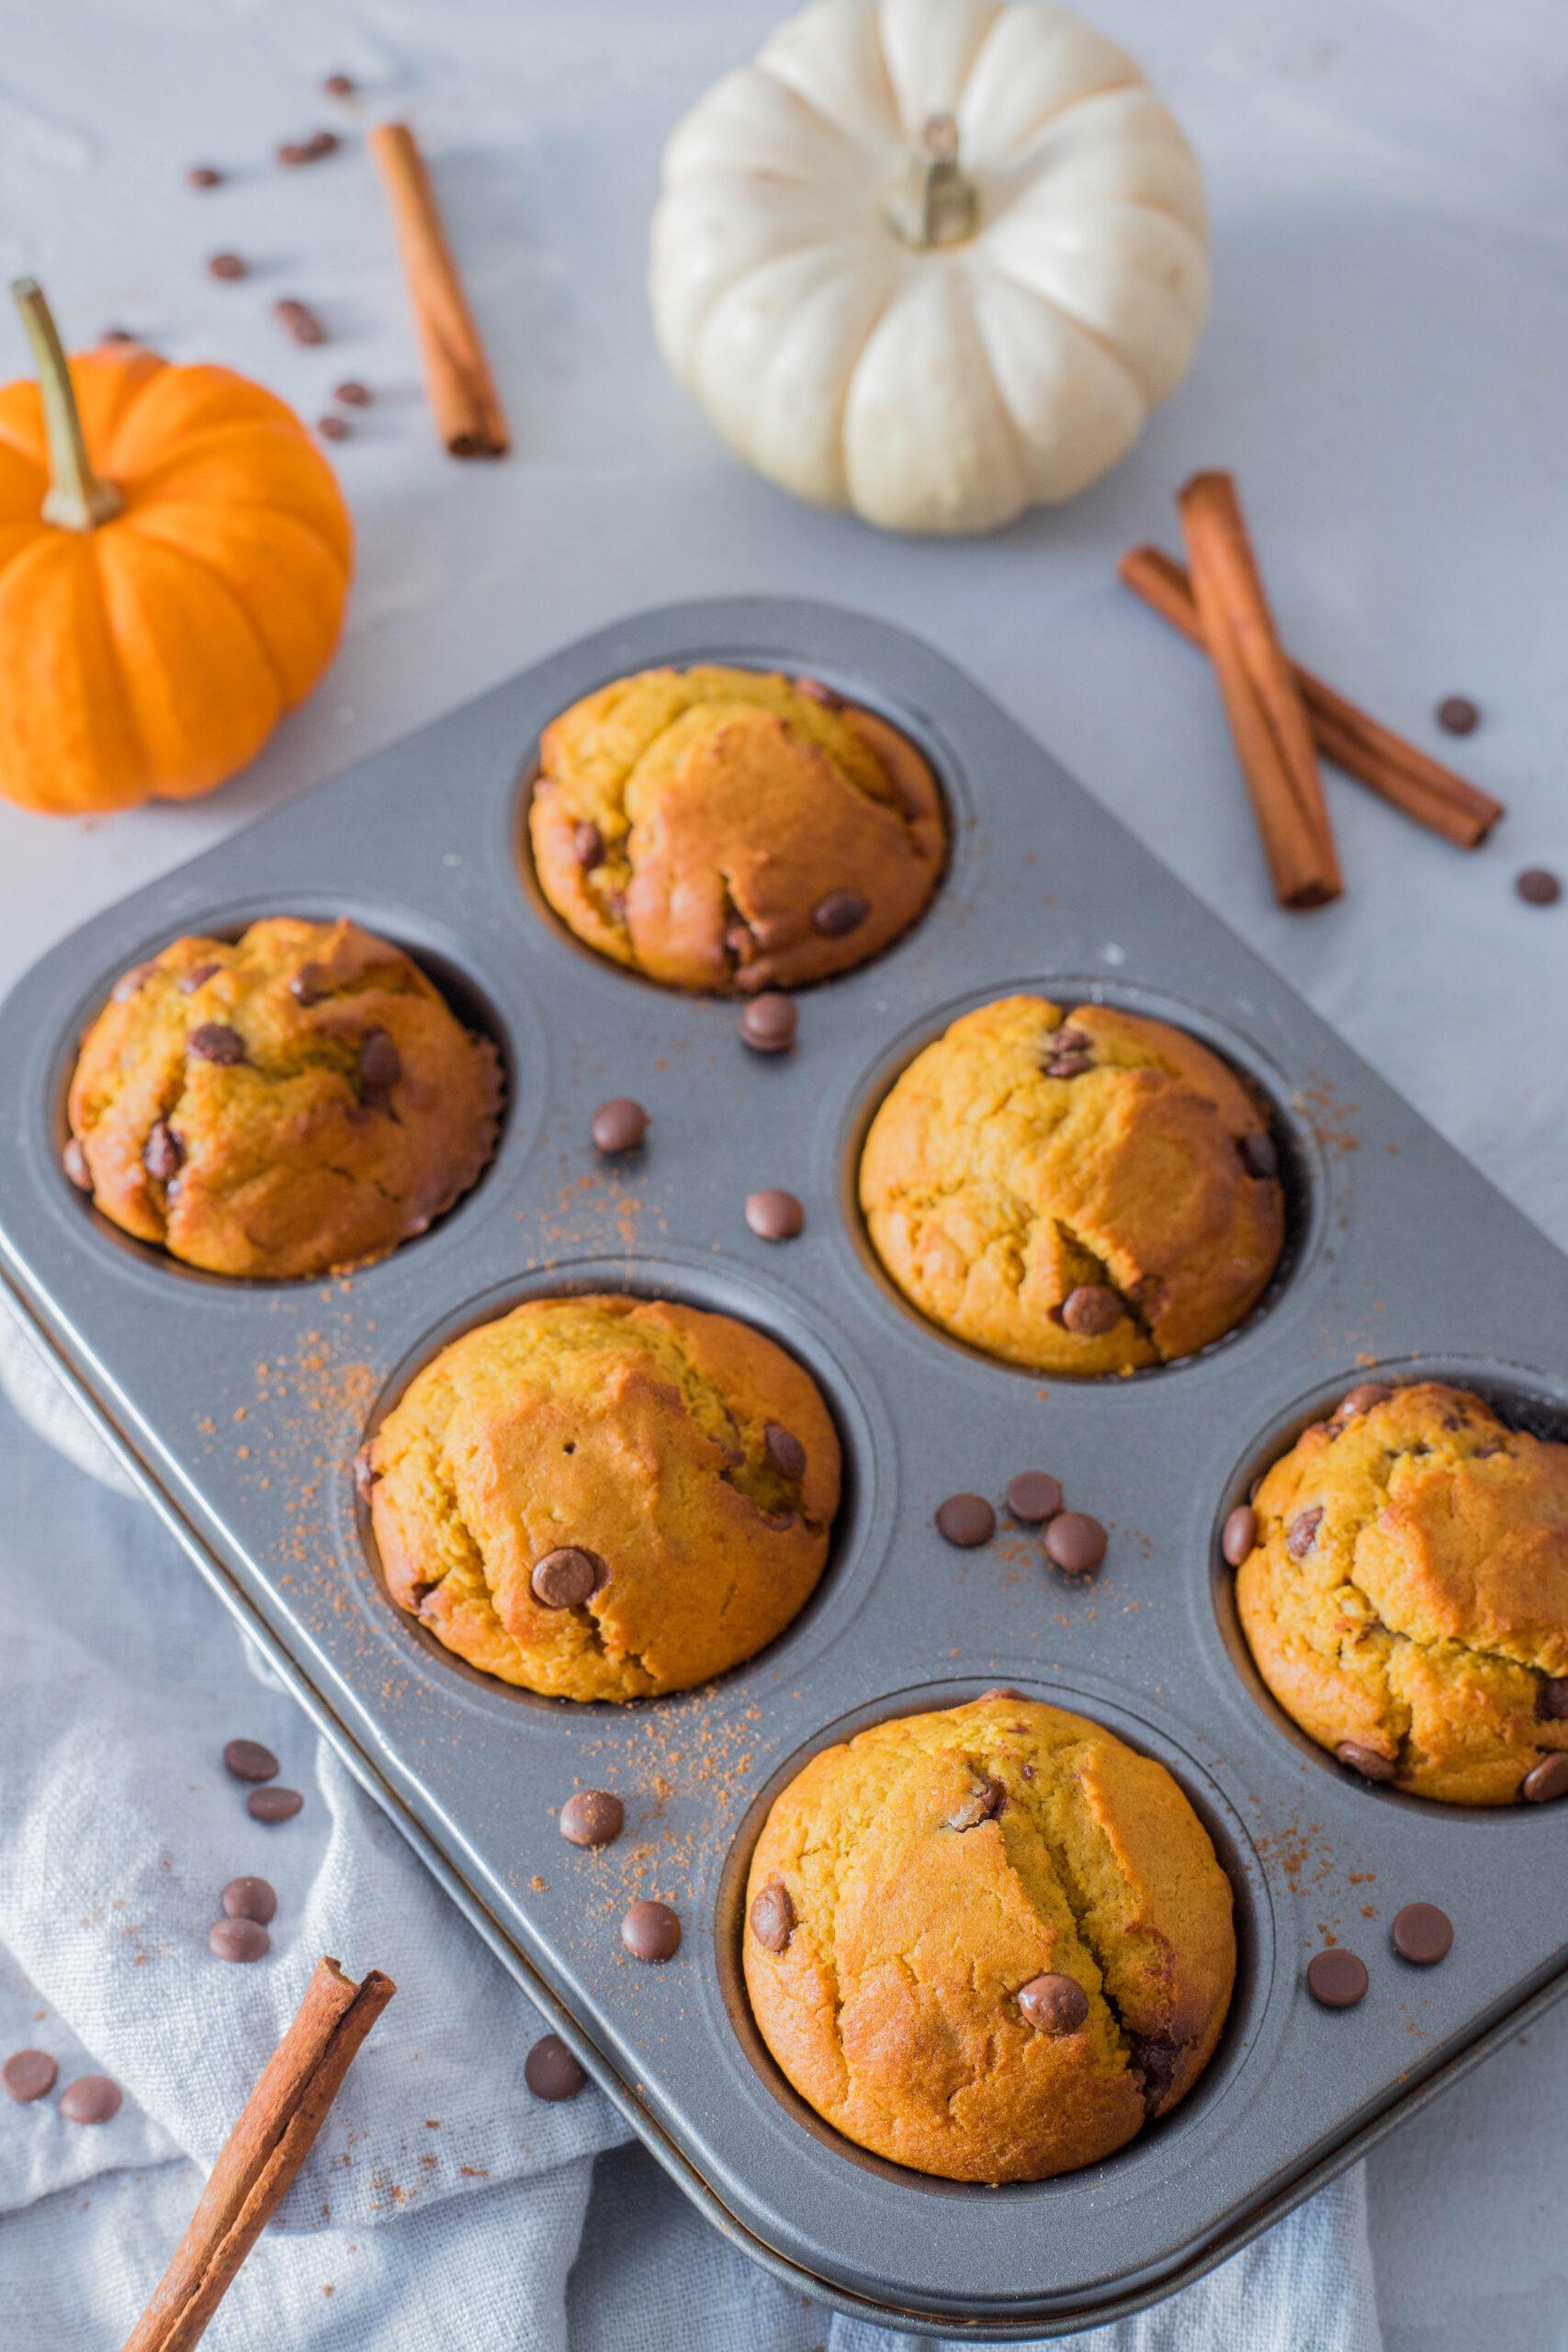 Leckere Idee für die Brotdose: Süße Kürbismuffins mit Zimt.